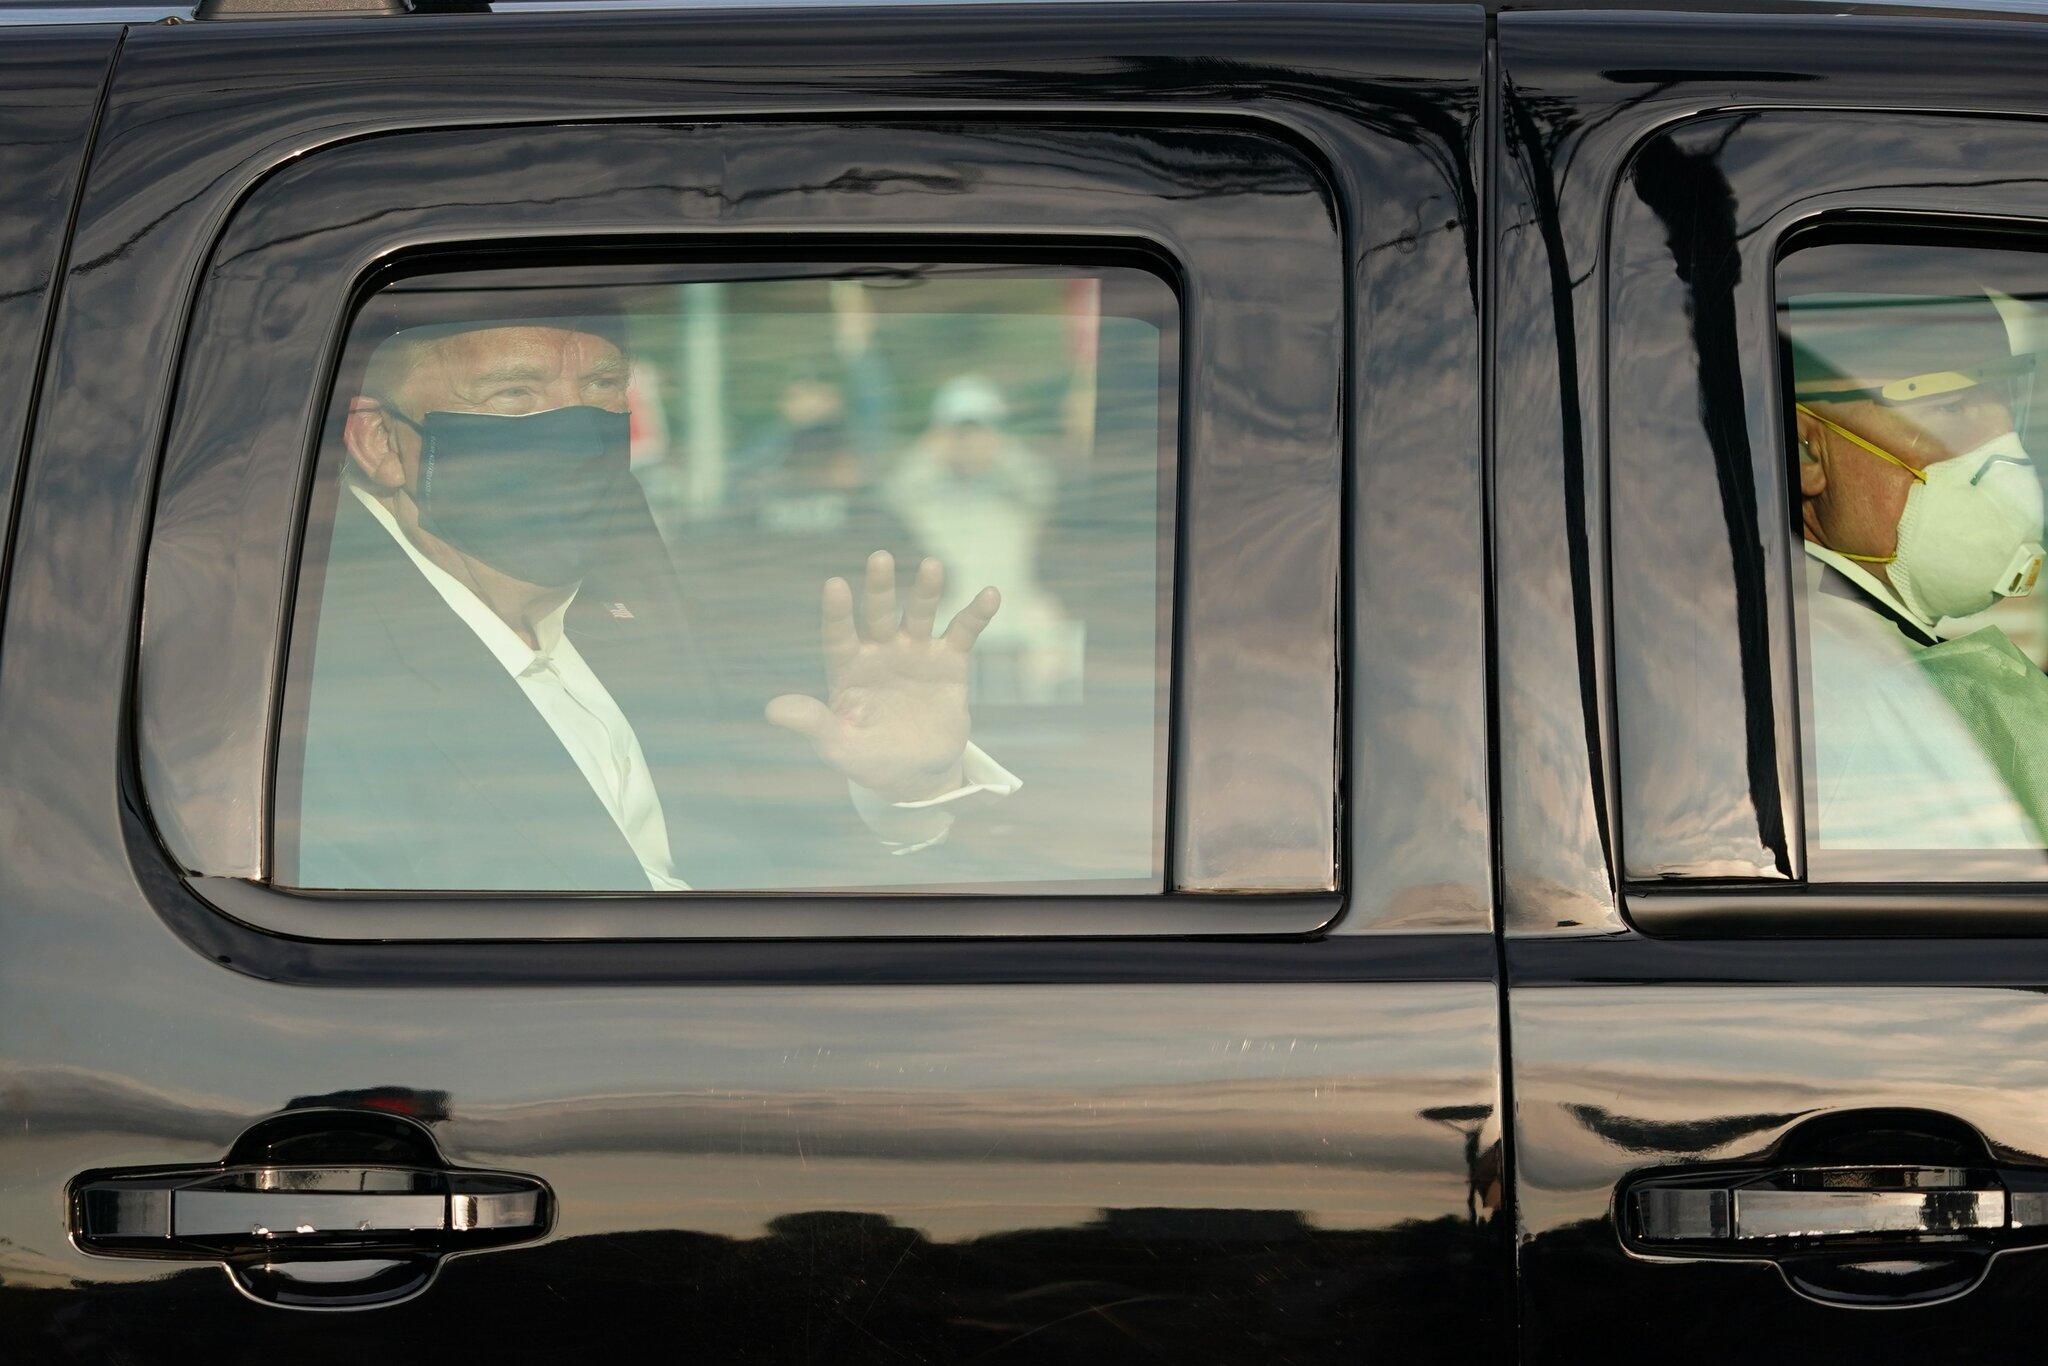 صورة الكاميرا تلتقط أولى اللقطات لترامب بعد هزيمته بالرئاسة- هكذا بدا (فيديوهات)